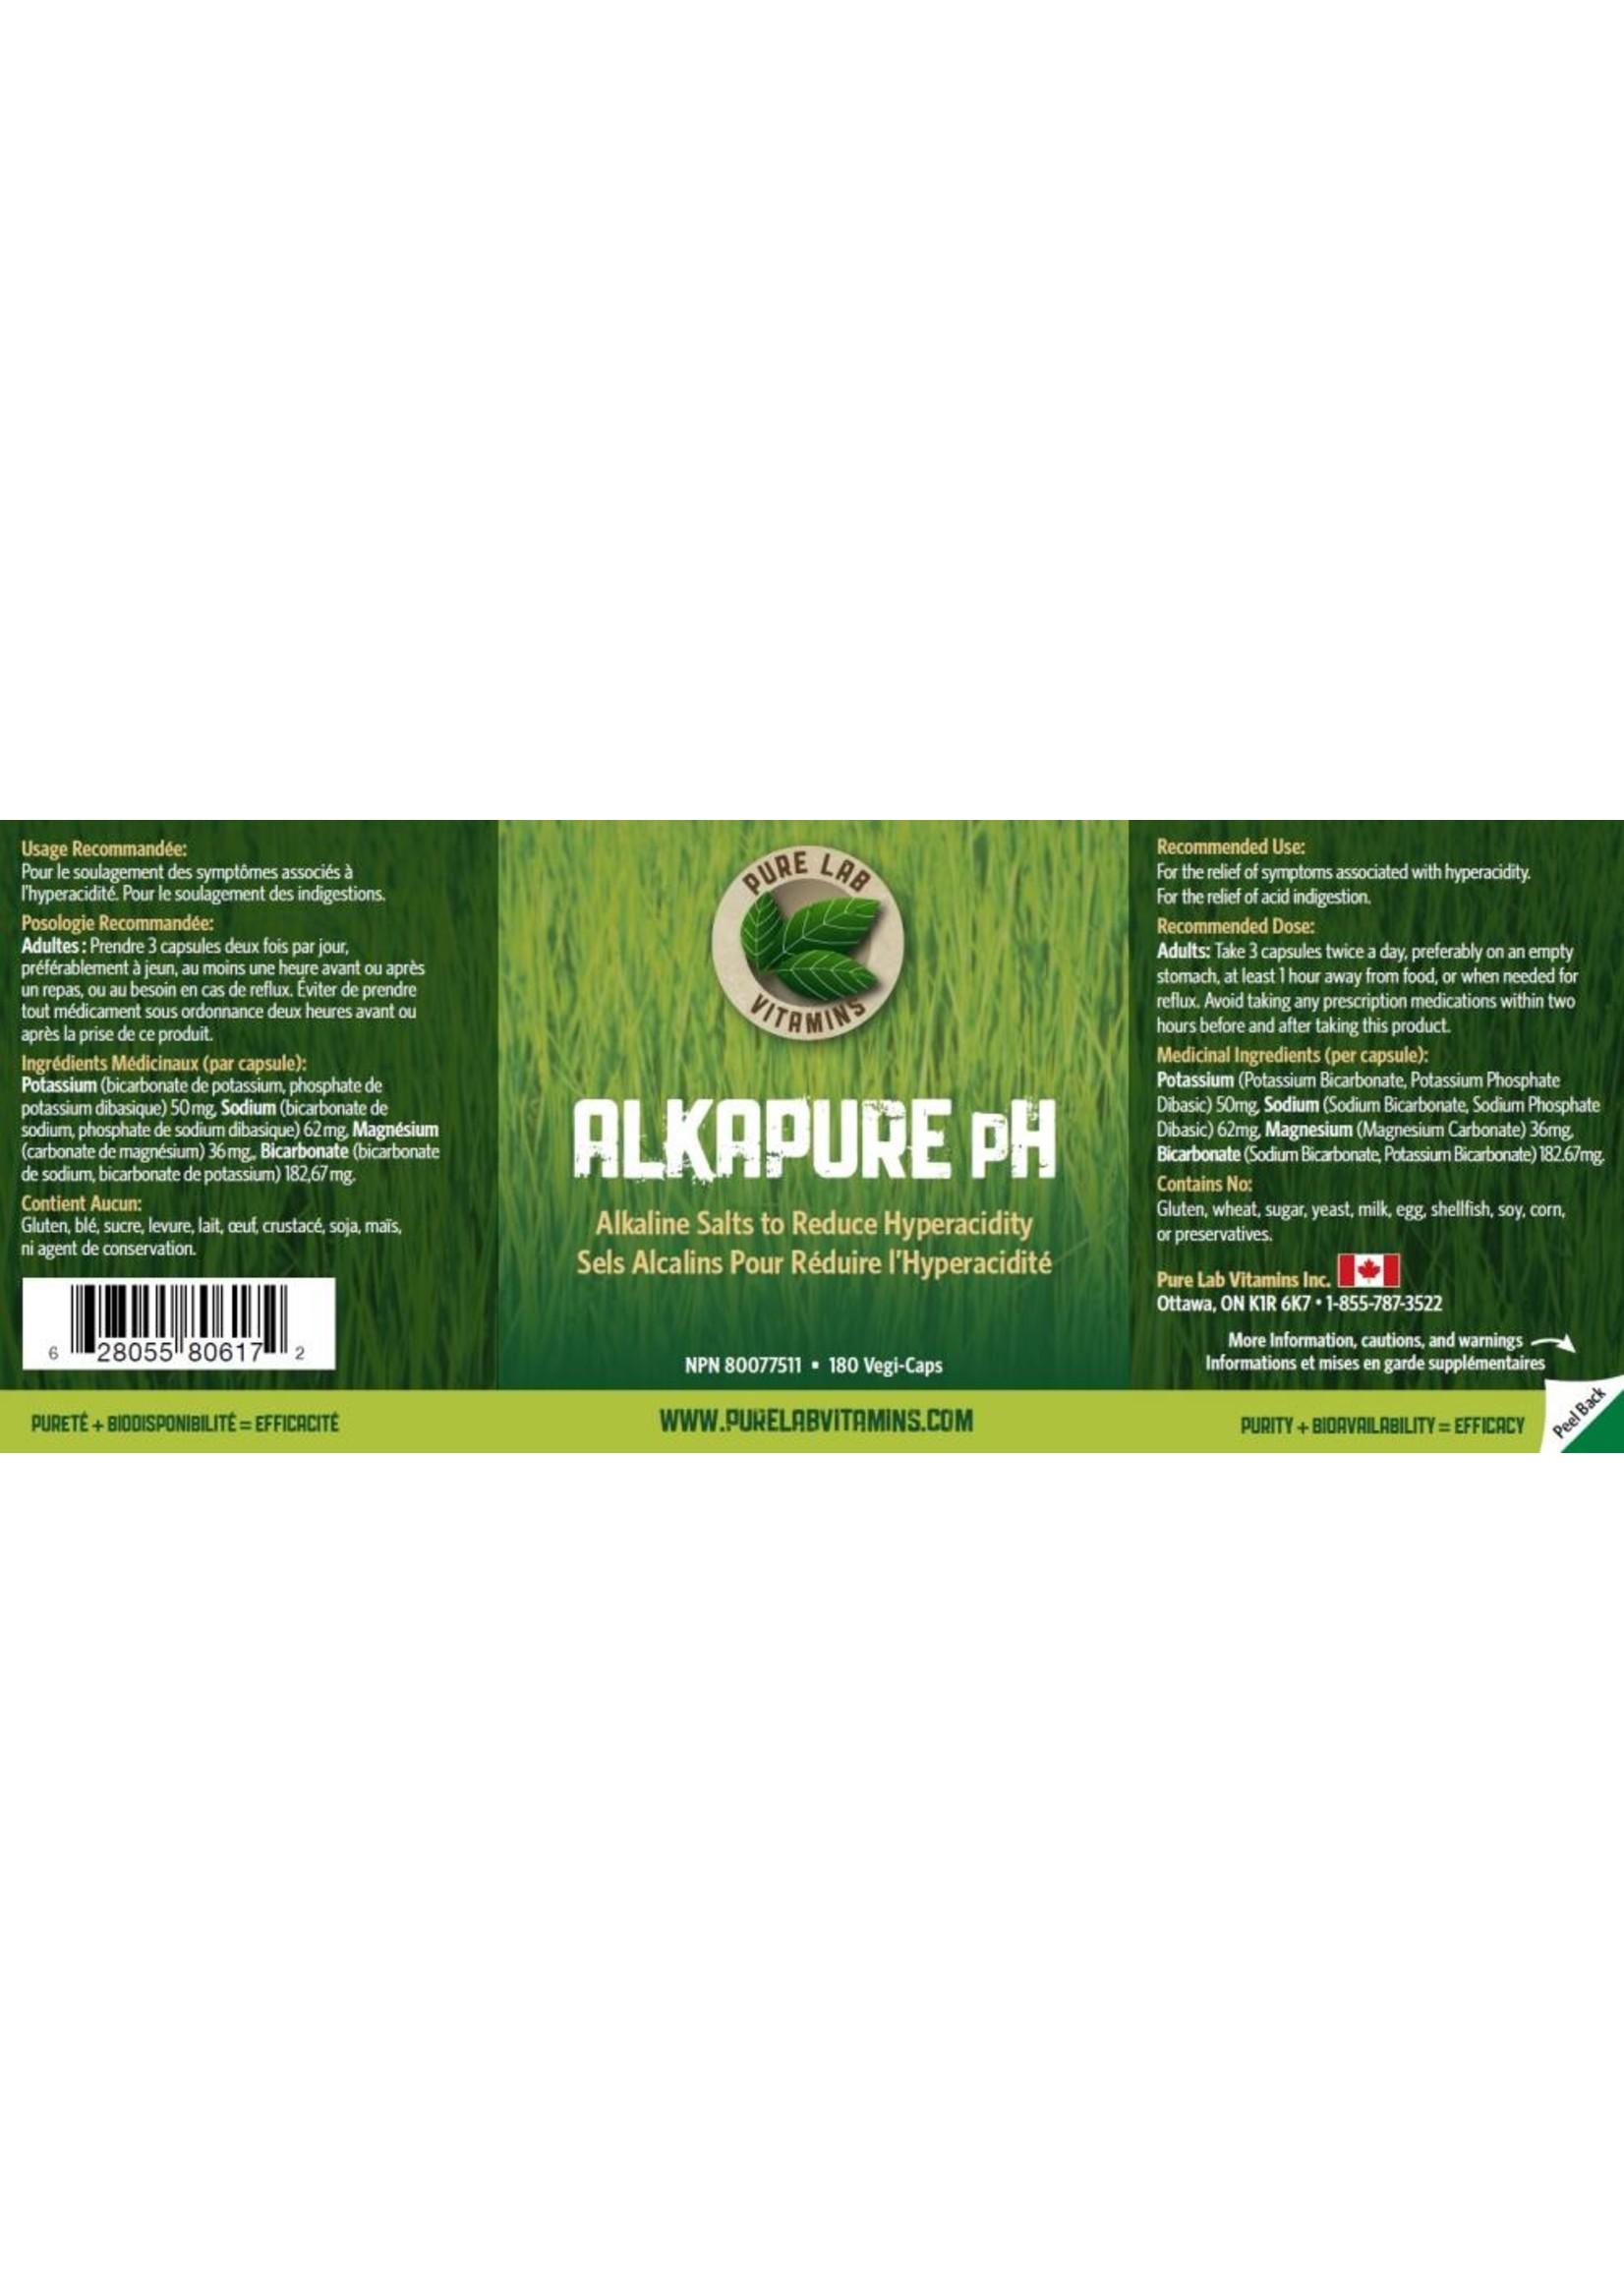 Pure lab Pure Lab AlkaPure pH